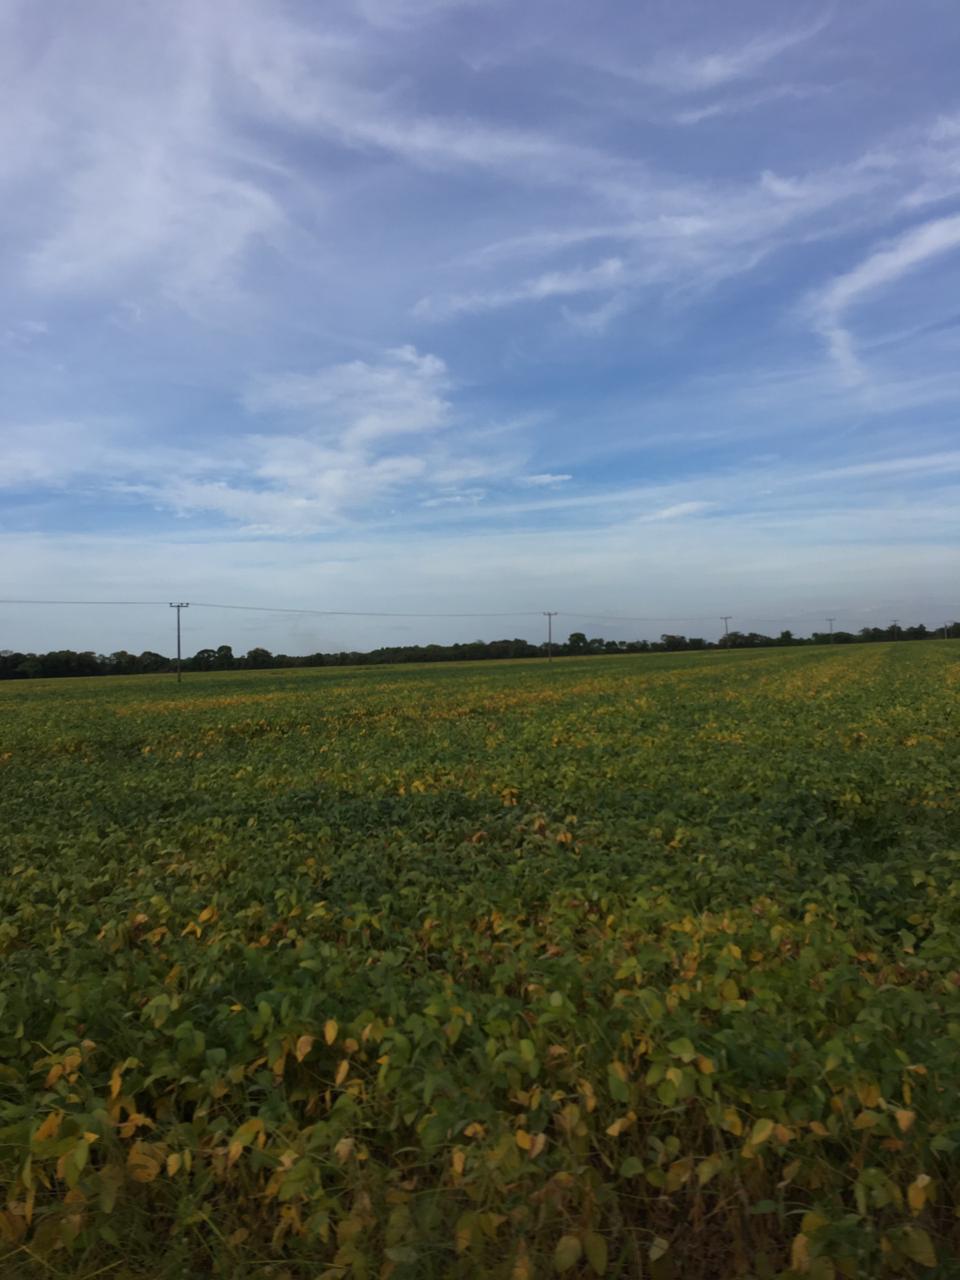 Soja para semente, no sistema de sub-irrigação da Agro Nova Aliança (Família Gasparetto) em Lagoa da Confusão (TO). Envio de Guilherme Santaretto